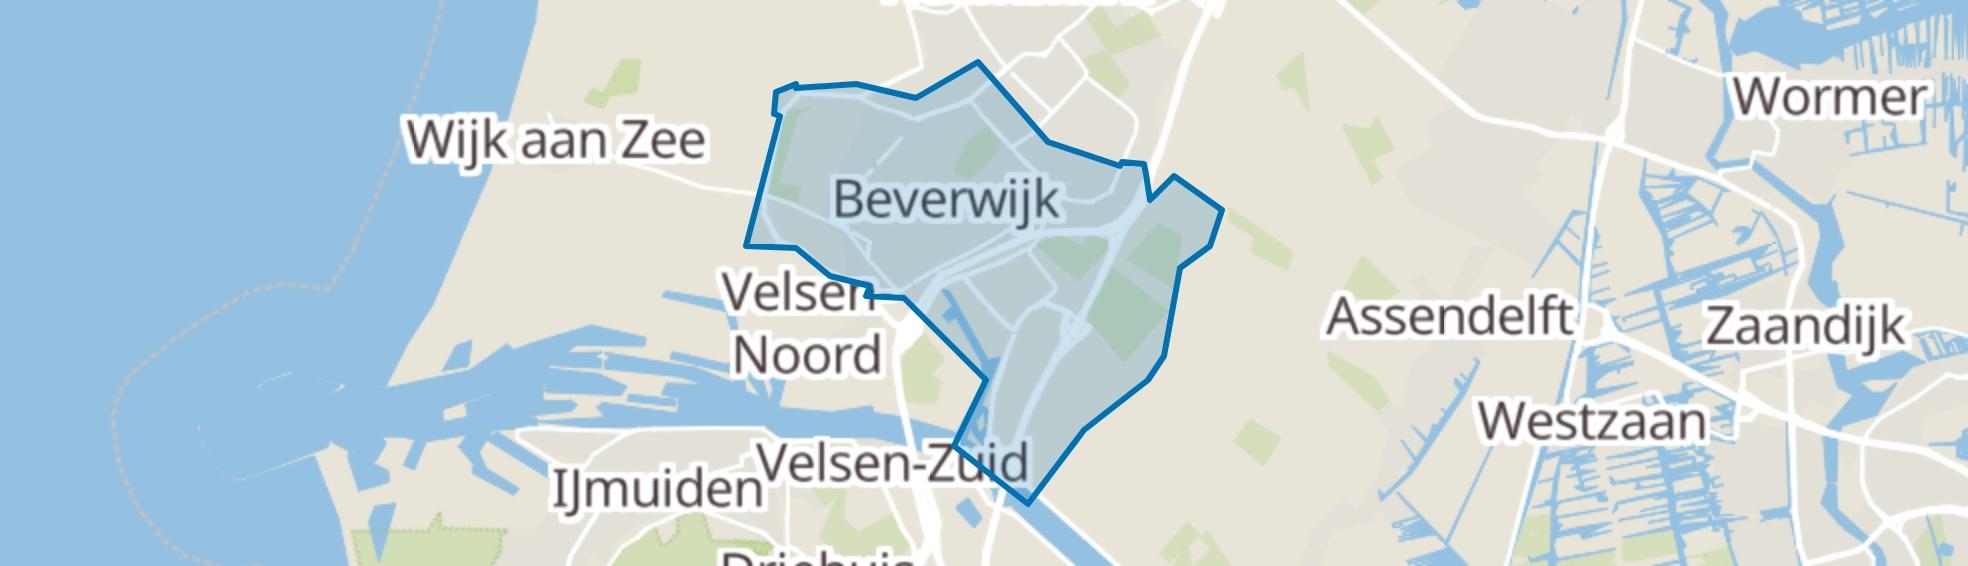 Beverwijk map